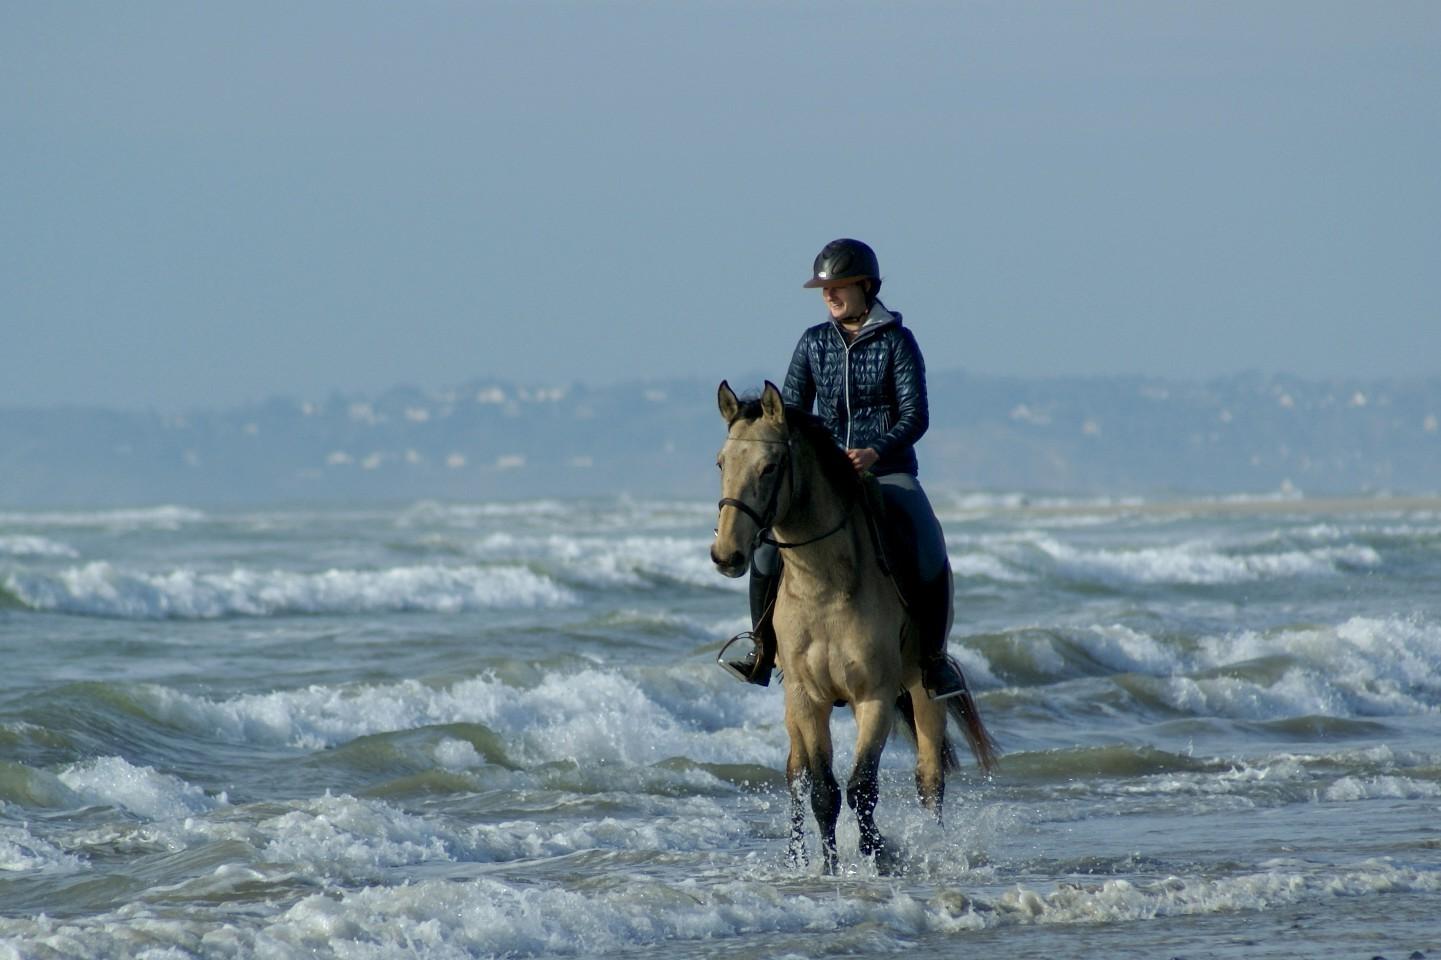 trot dans l'eau face aux vagues